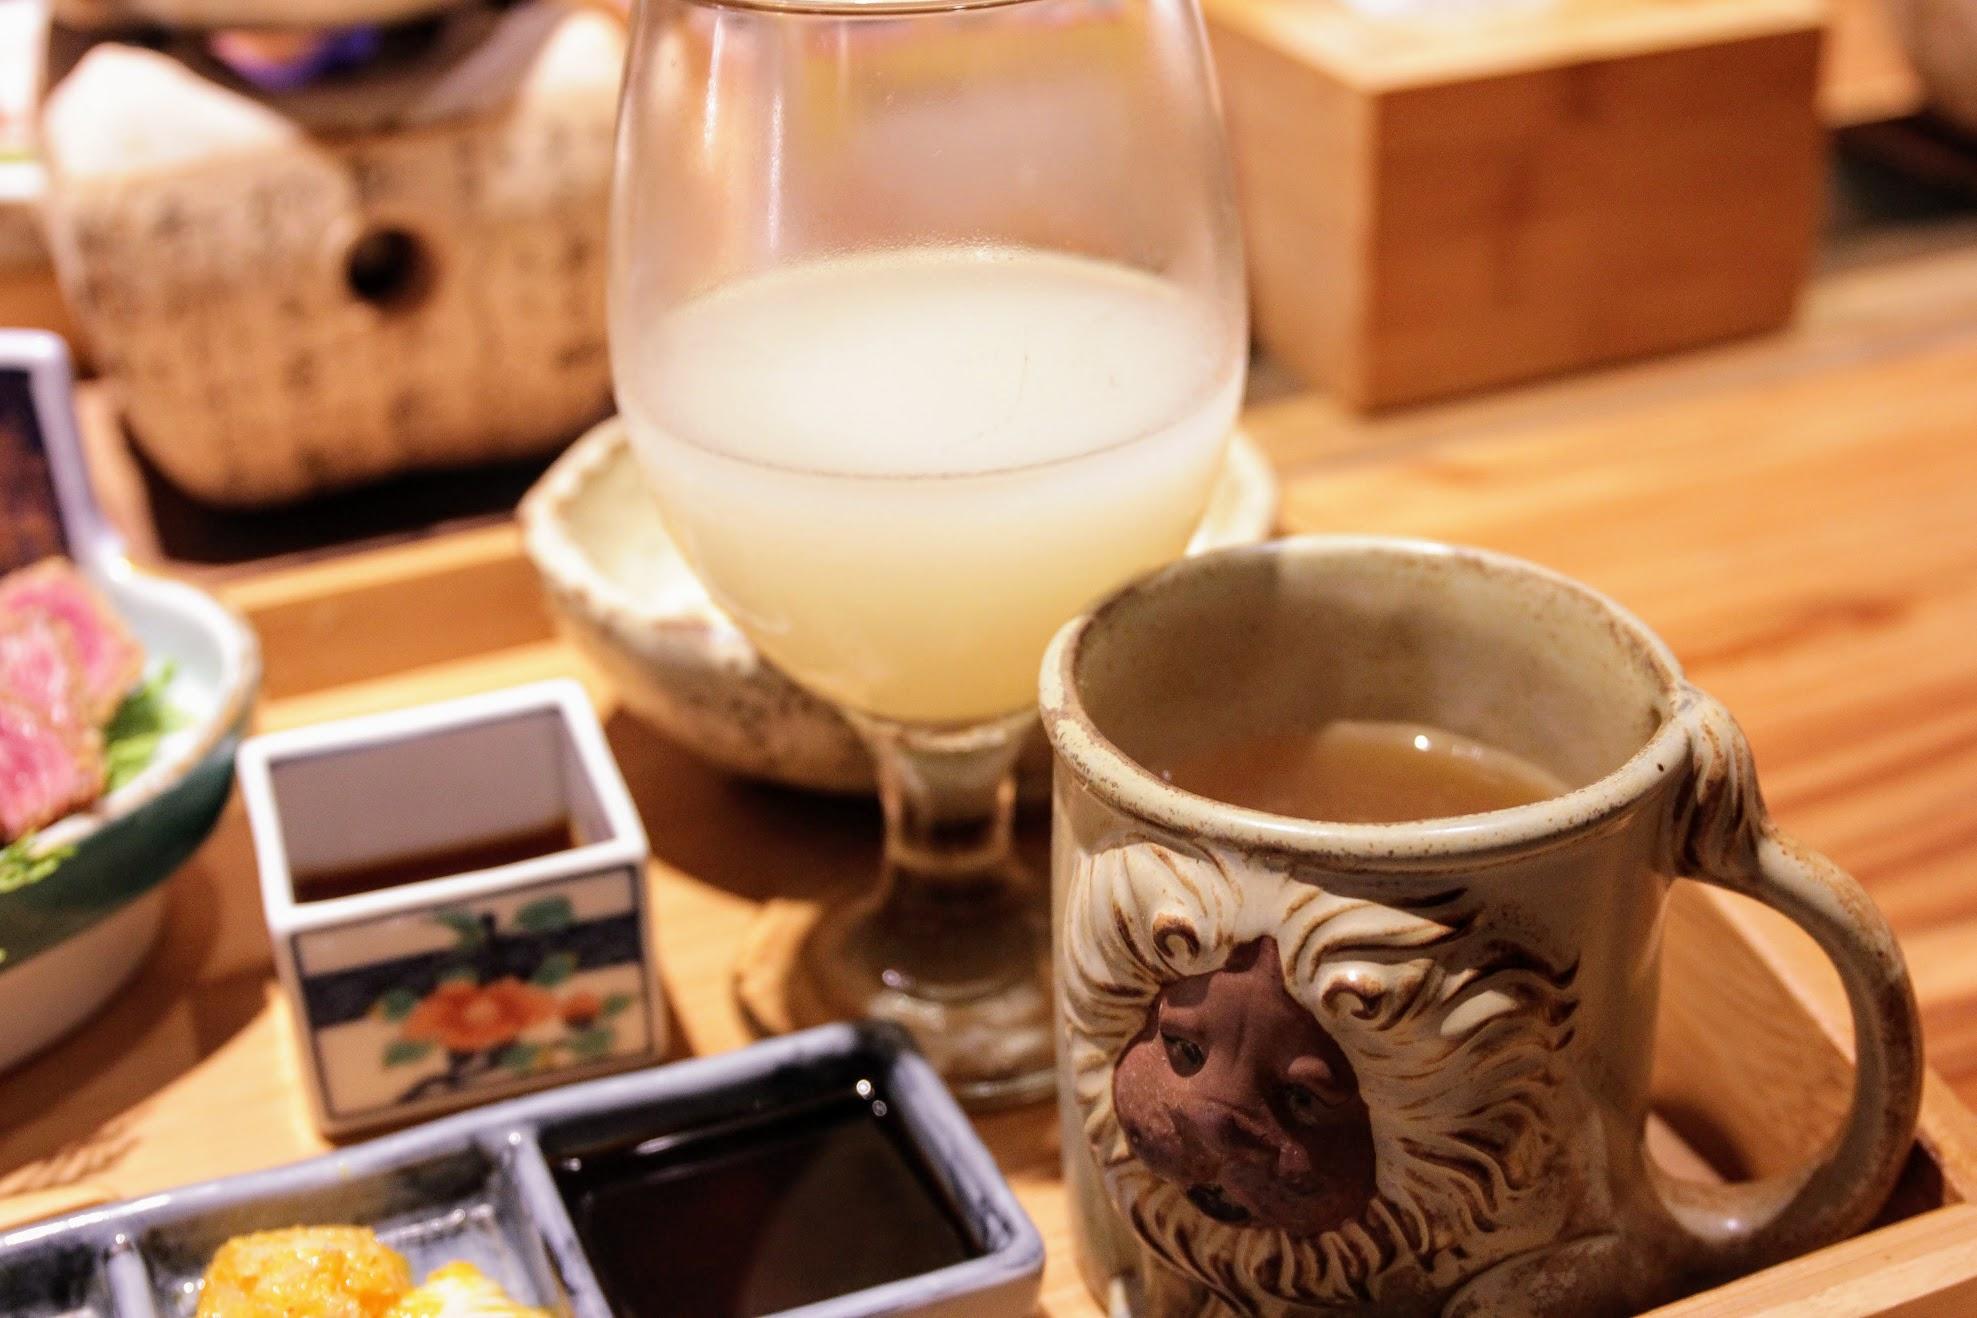 飲料是可爾必思,還有一杯熱茶,上頭有生菜,也有給柚子醬淋上來搭肉片吃...生菜其實不多,還好可以一直續加